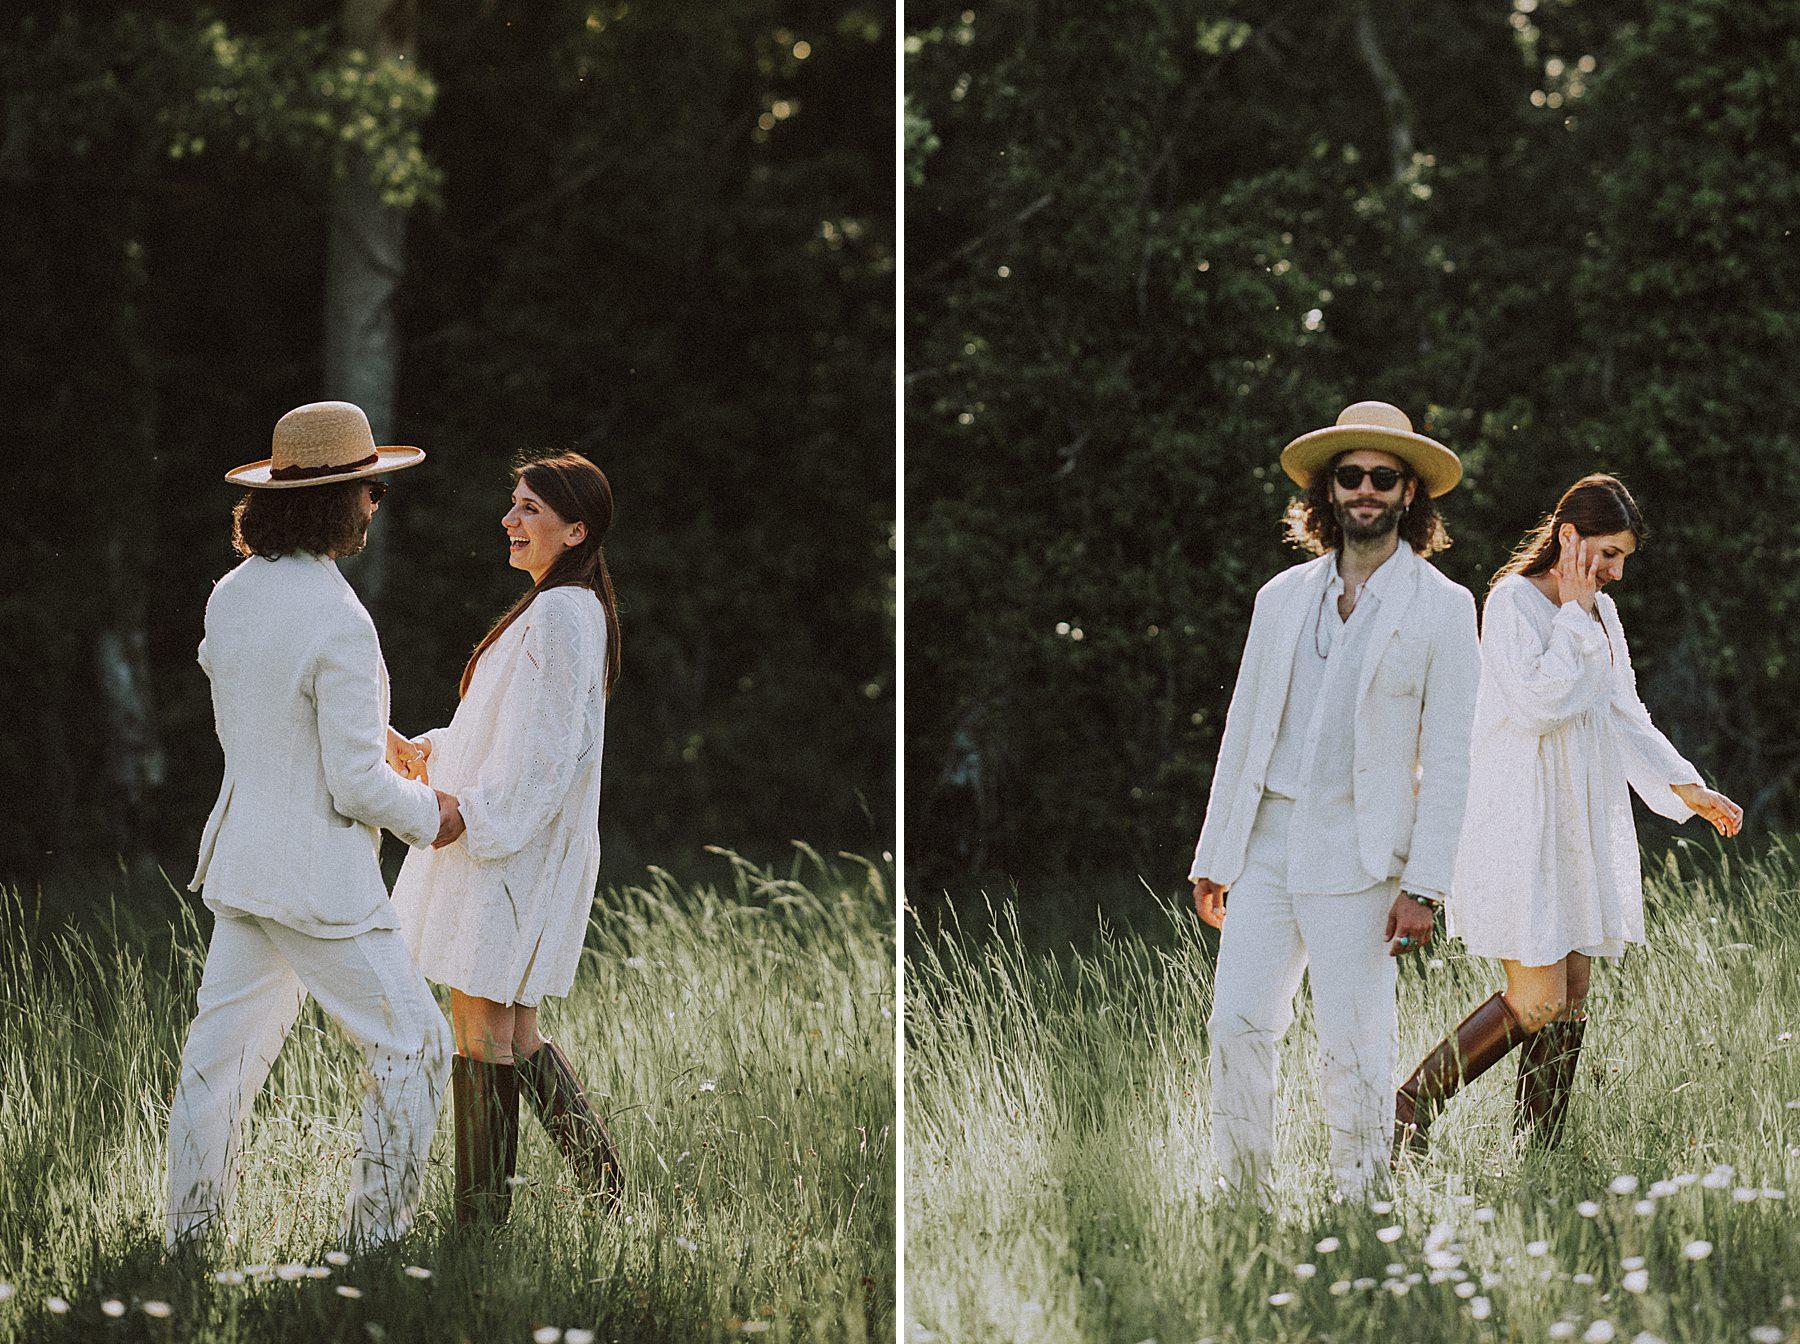 coppia di fidanzati vestiti di bianco per shooting fotografico alpaca